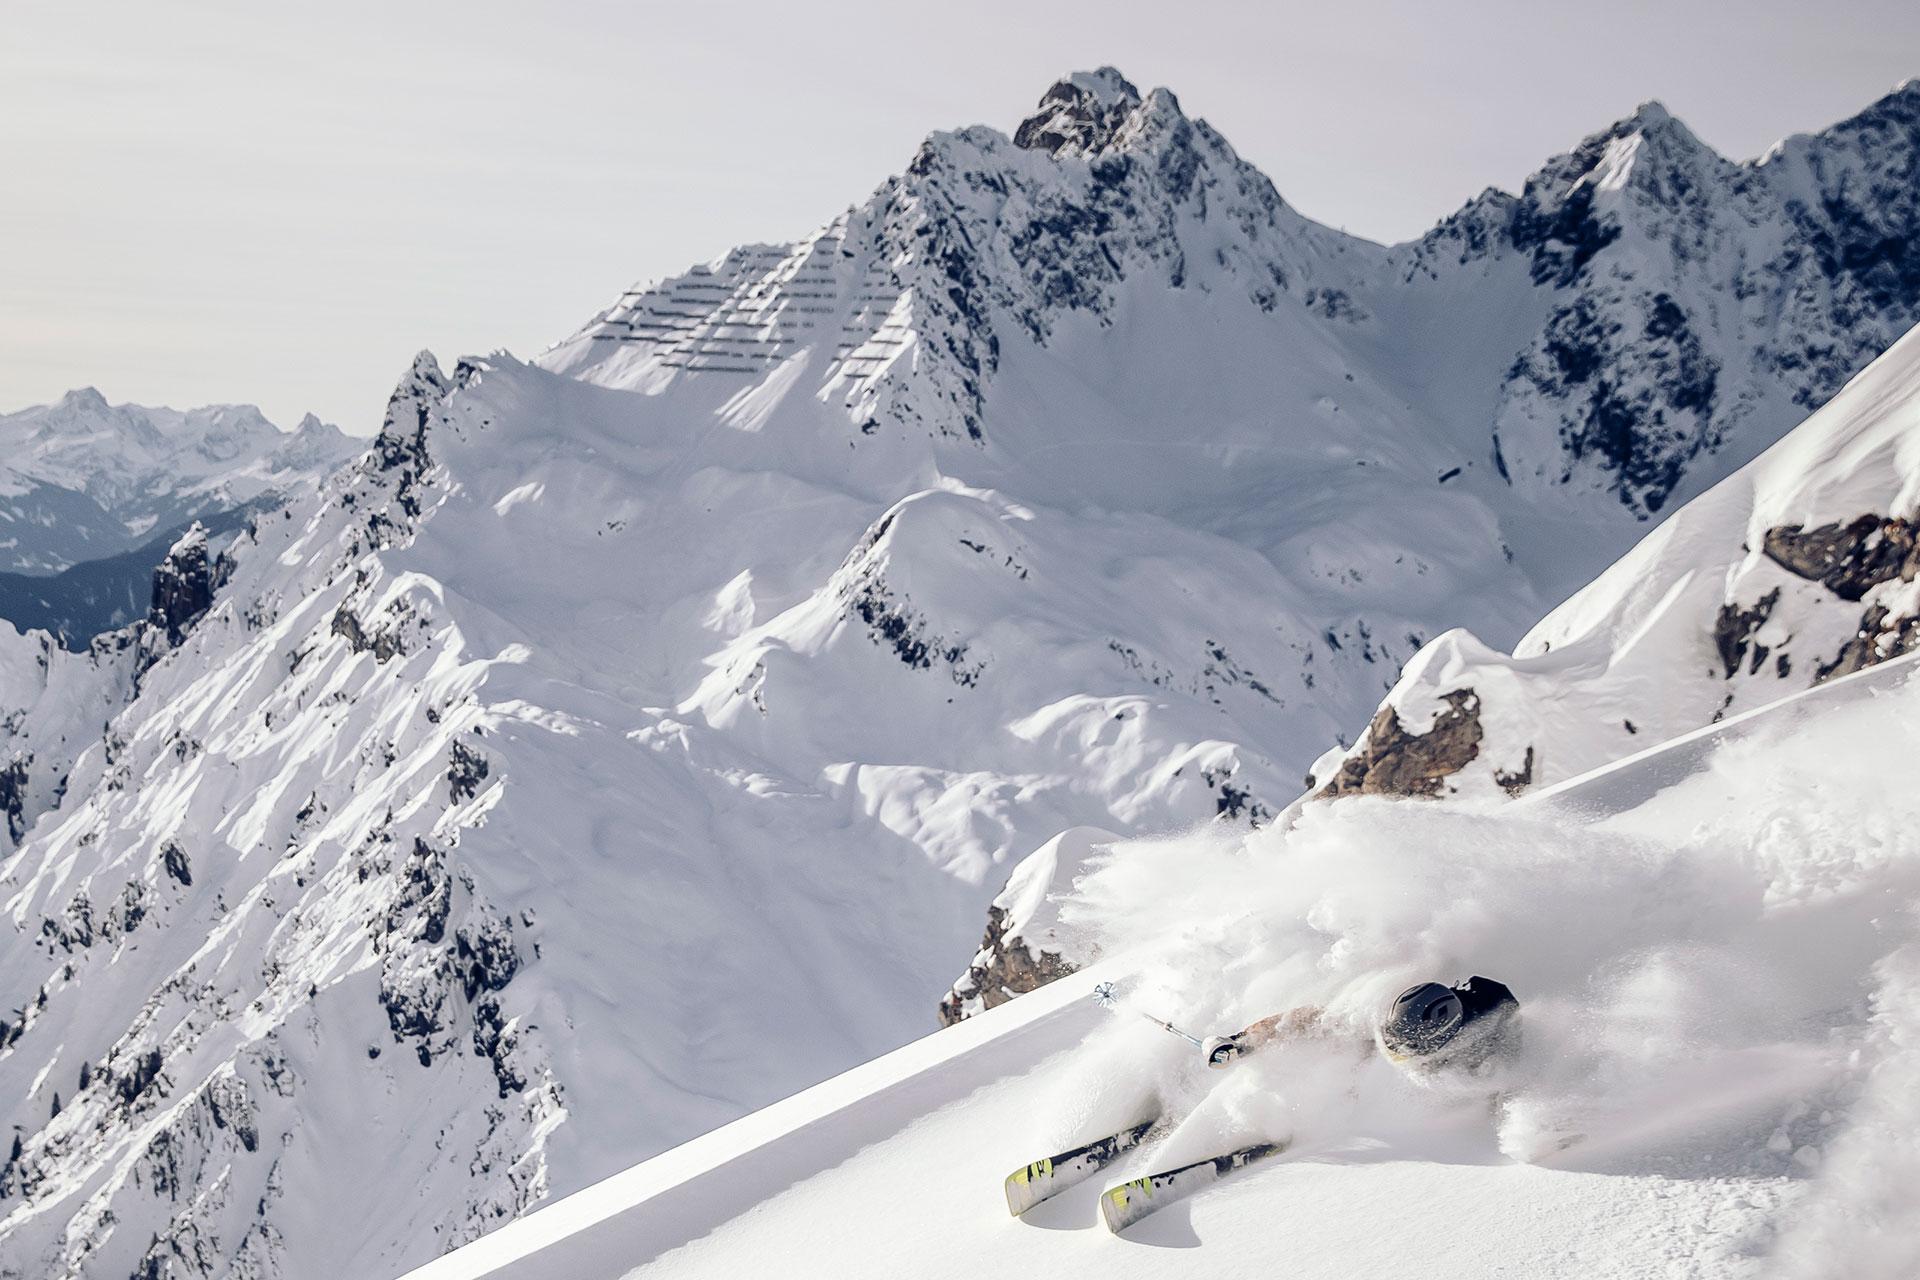 Landschaft Winter Schnee Tirol Berge Alpen Tiefschnee Freeride Fotograf München Deutschland